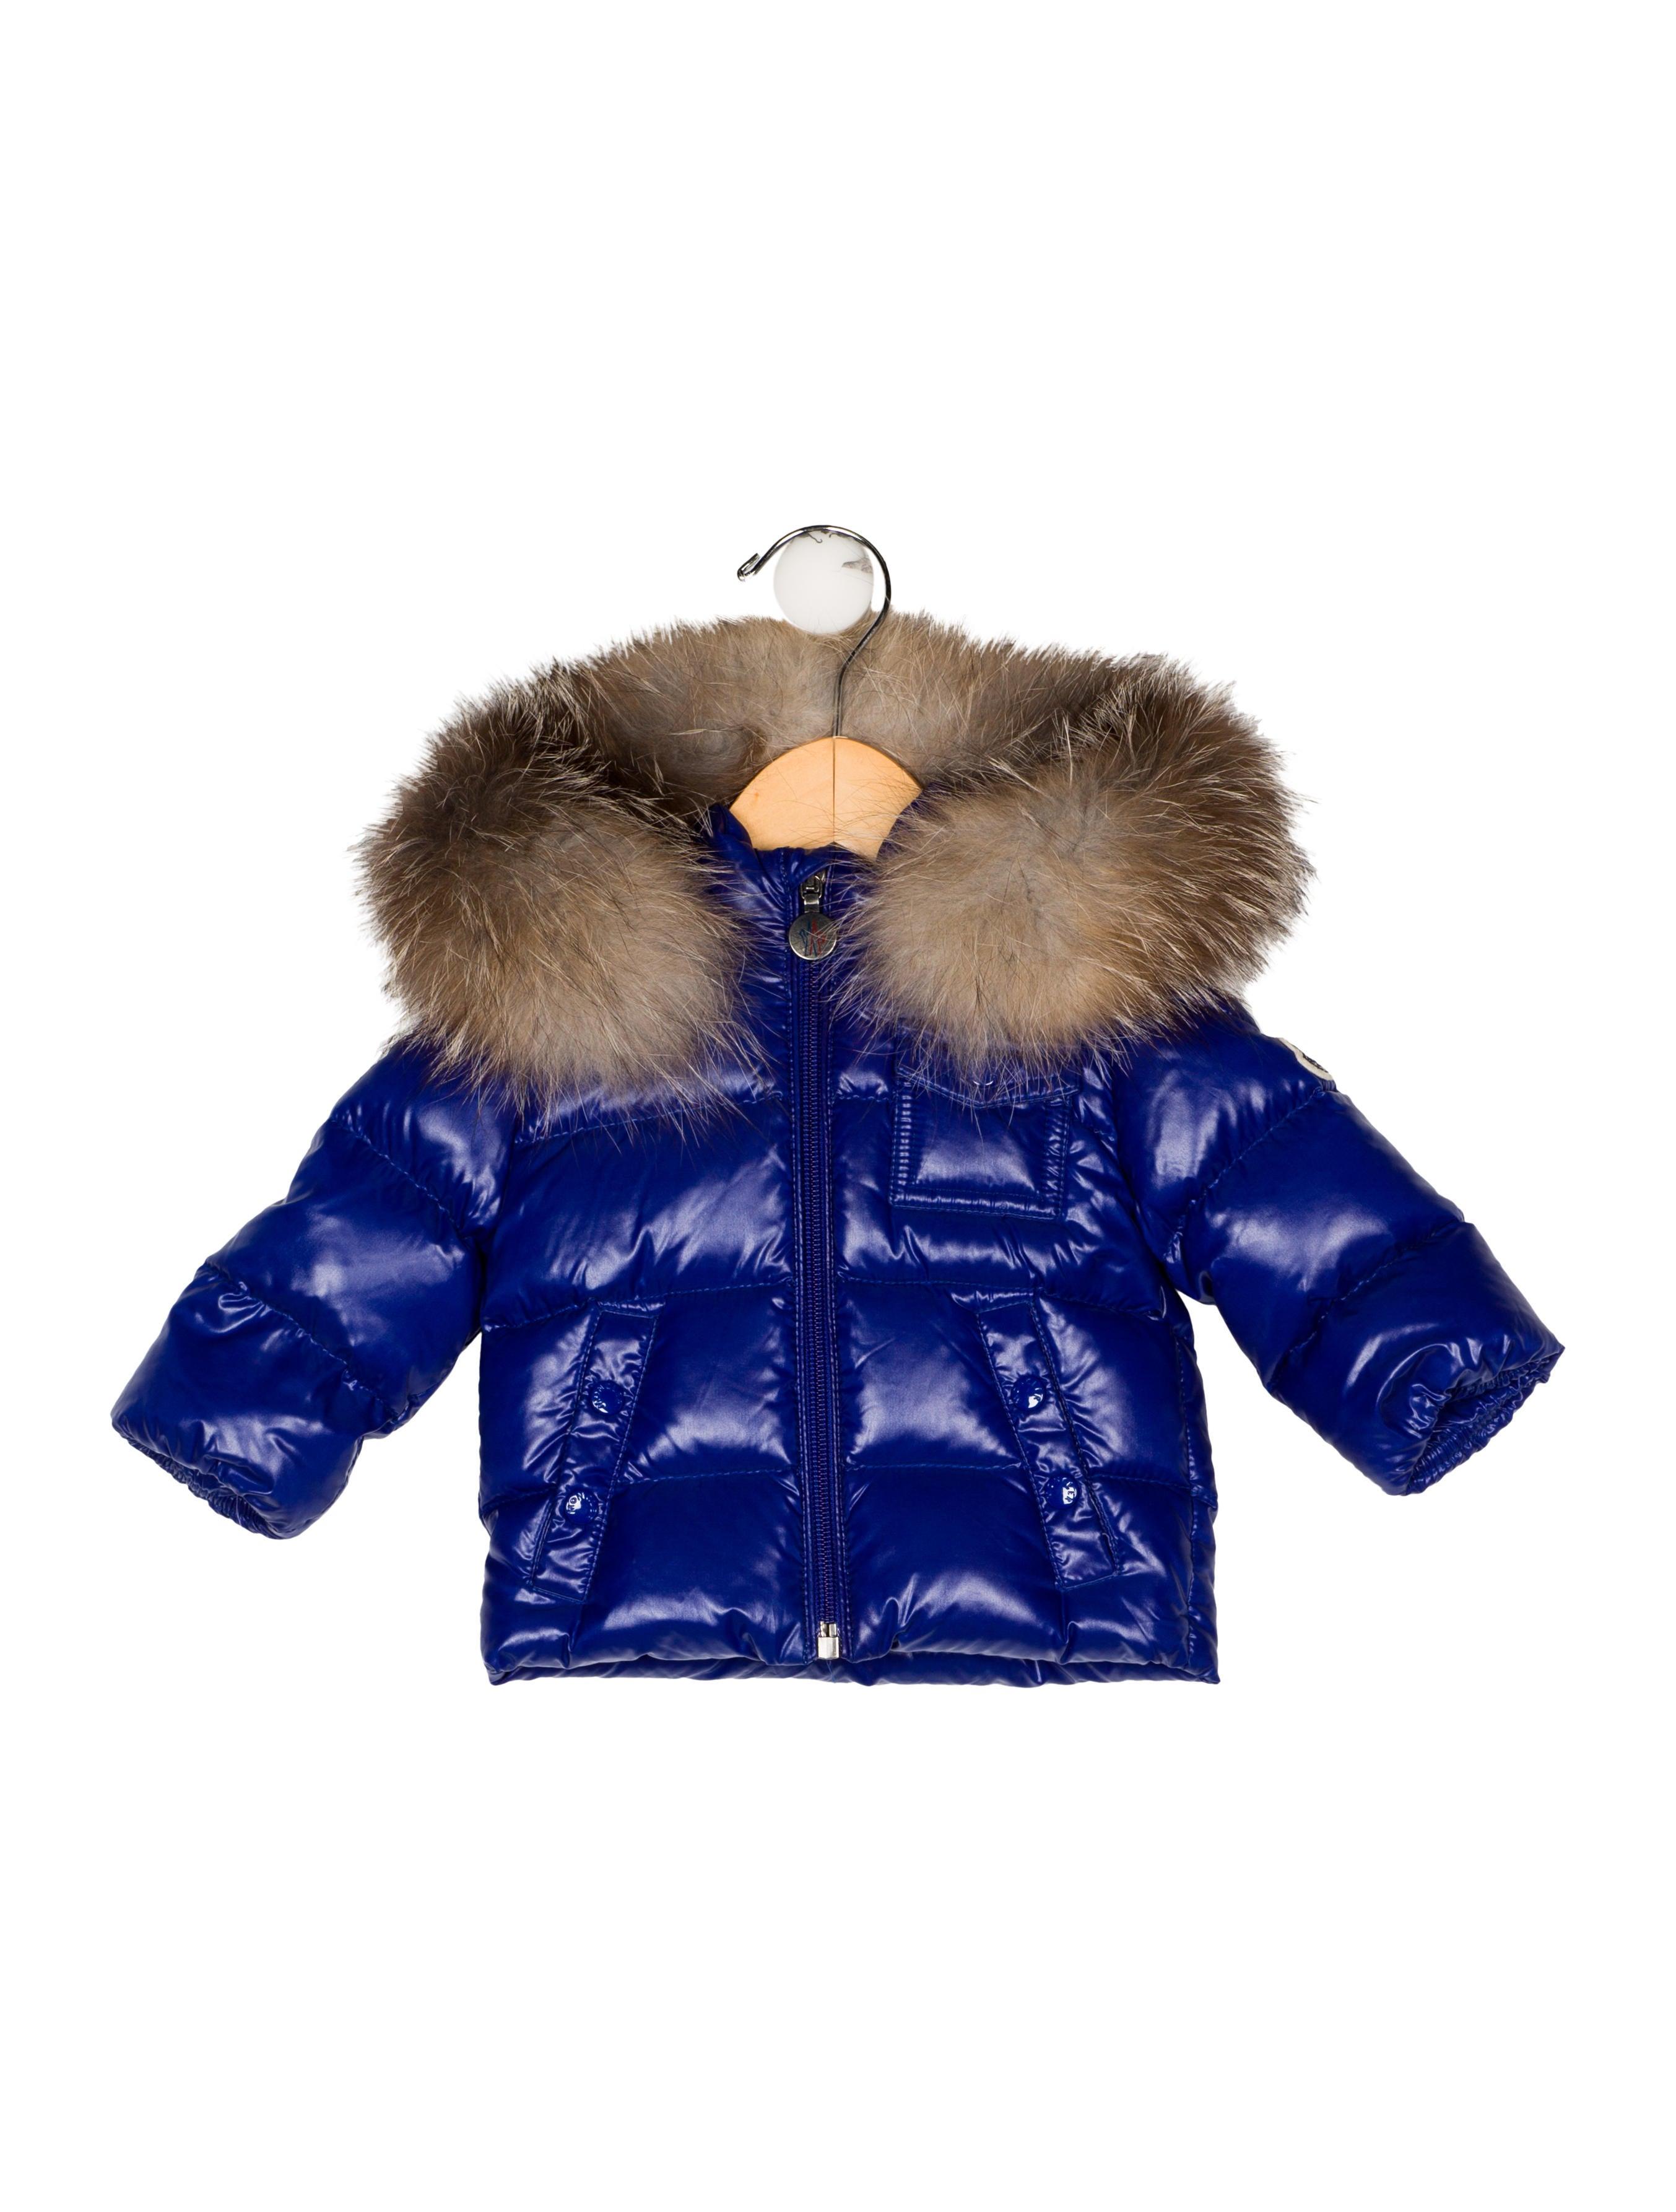 55c41bbeb Moncler K2 Fur-Trimmed Puffer Coat - Girls - MOC32535